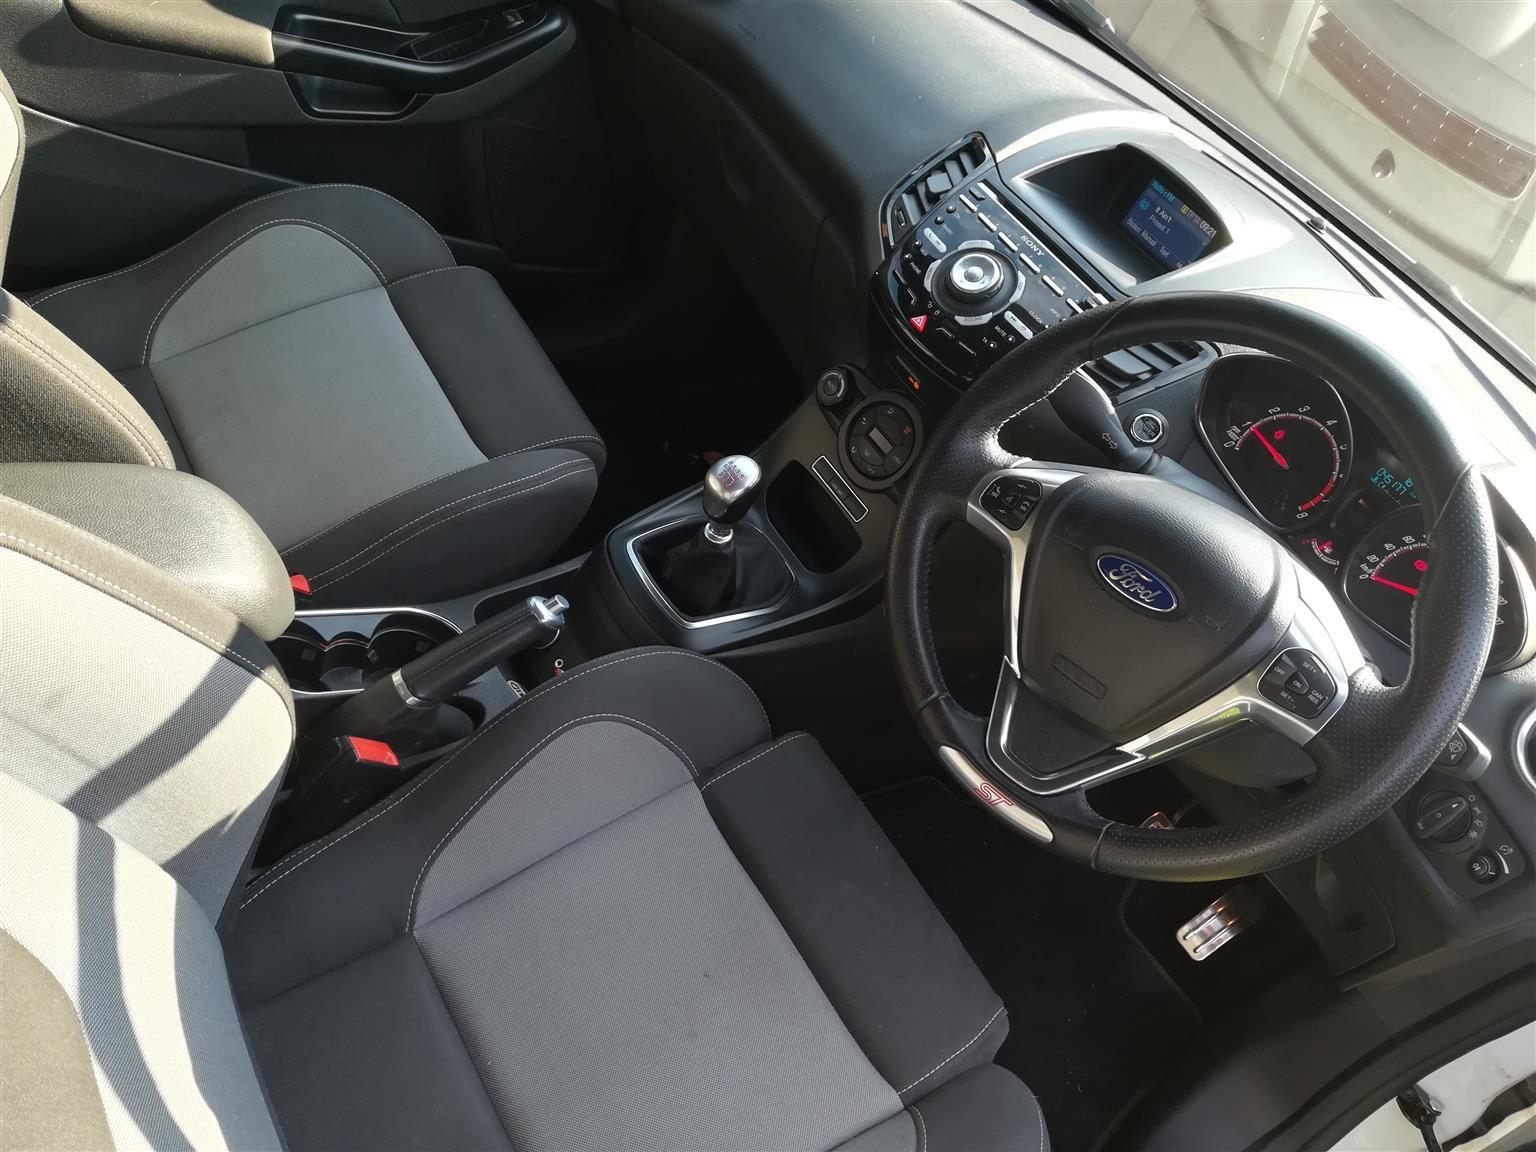 2015 Ford St Fiesta Junk Mail